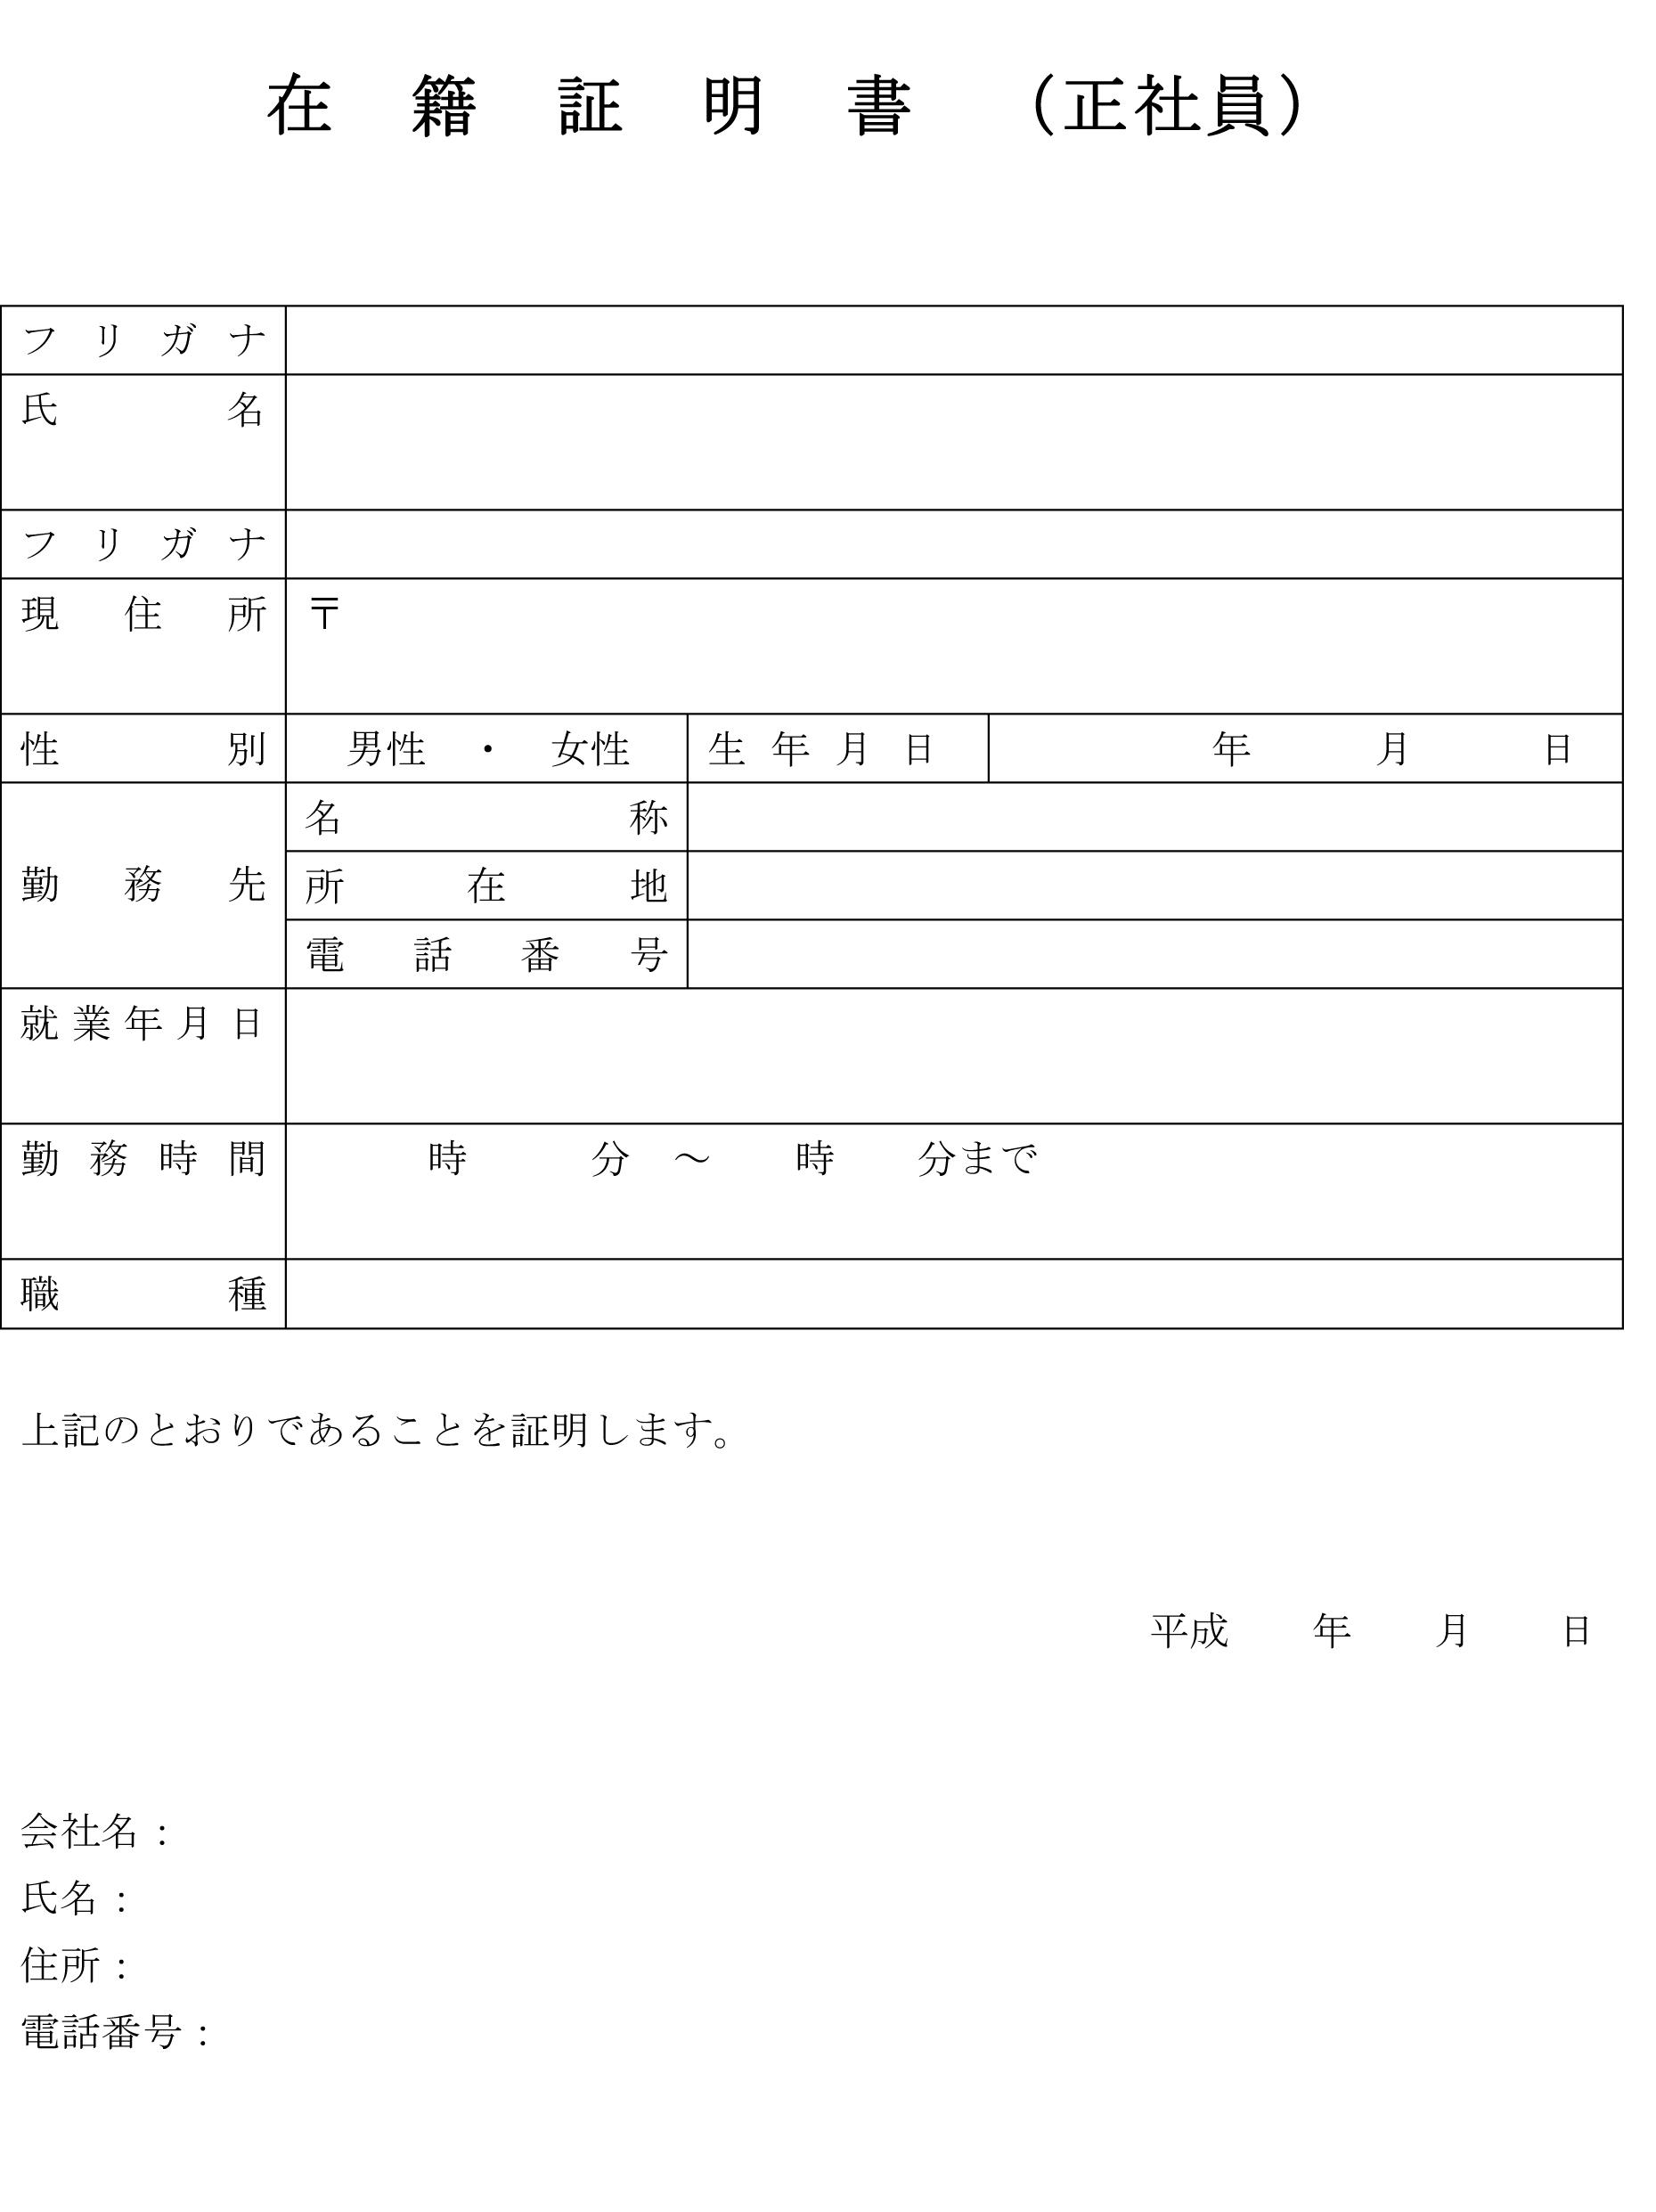 在職証明書(正社員)